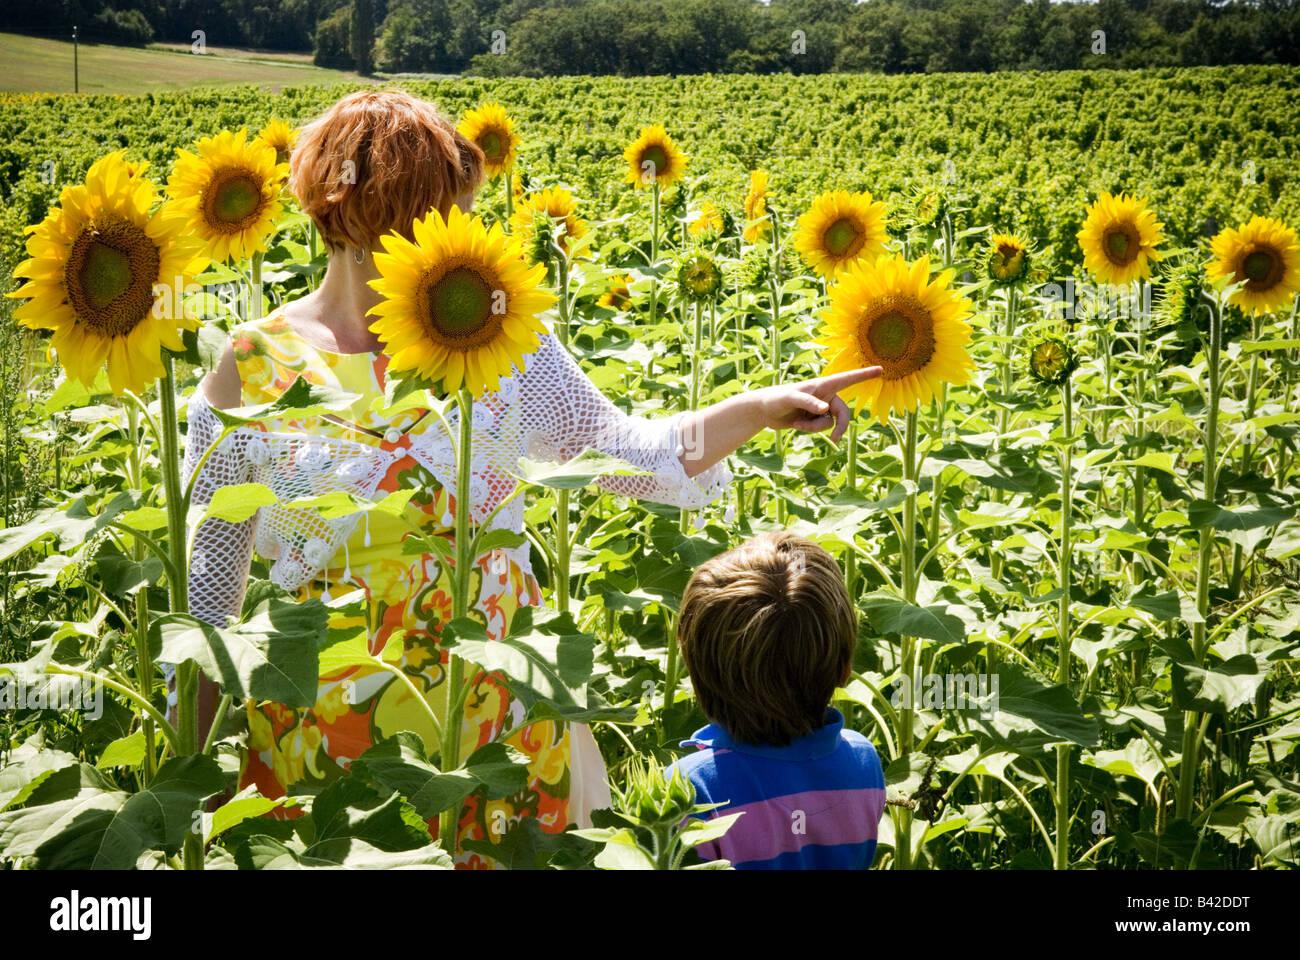 eine Mutter erklärt zu ihrem Sohn die Feinheiten einer Sonnenblume in der Mitte ein Sonnenblumenfeld Stockbild